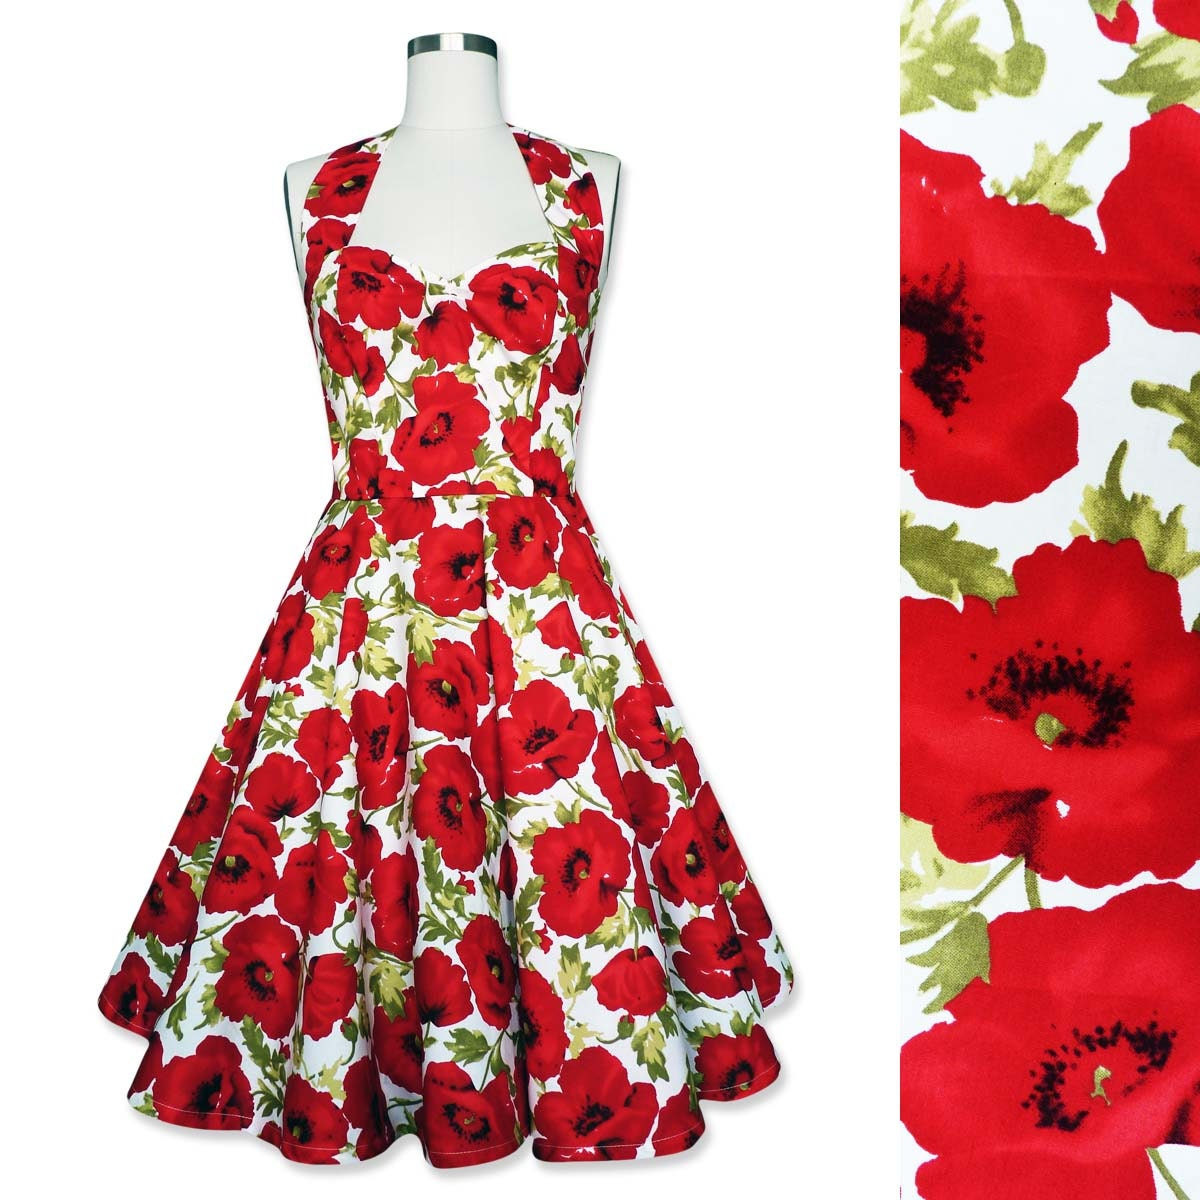 Pin Up Dress Summer Dress Floral Dress Red Poppy Dress Flower